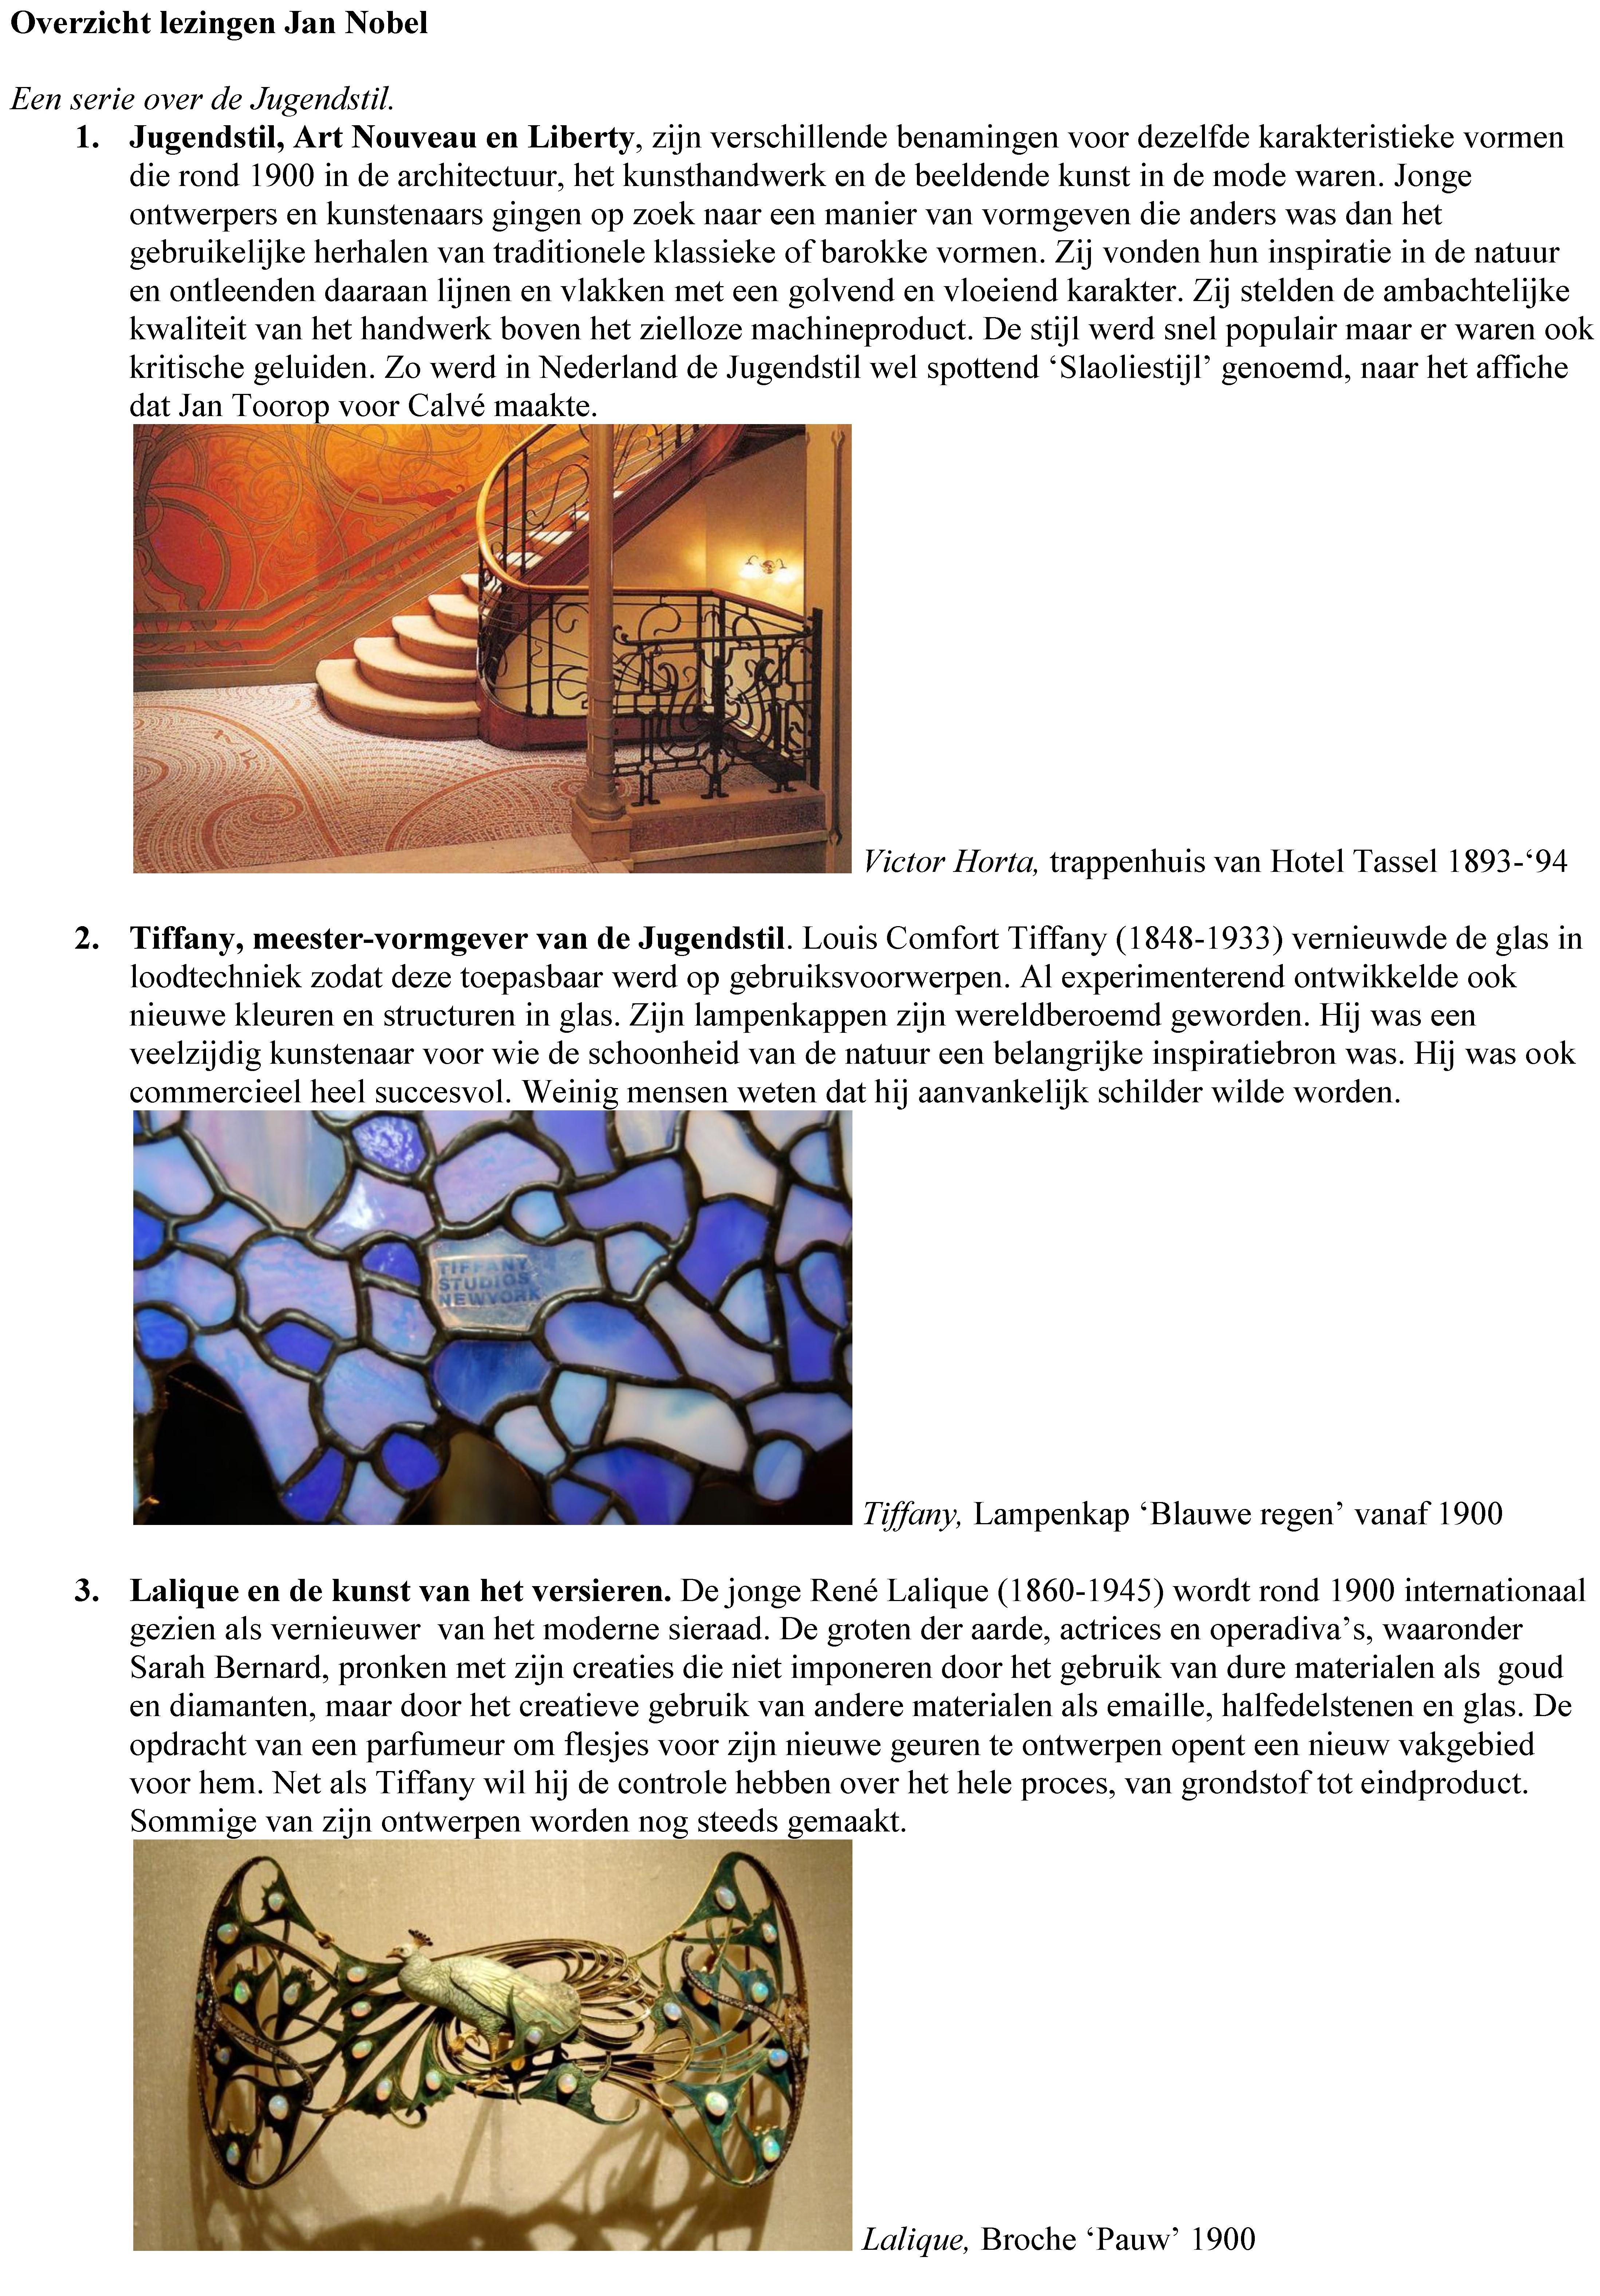 Overzicht lezingen Jan Nobel_Page_1